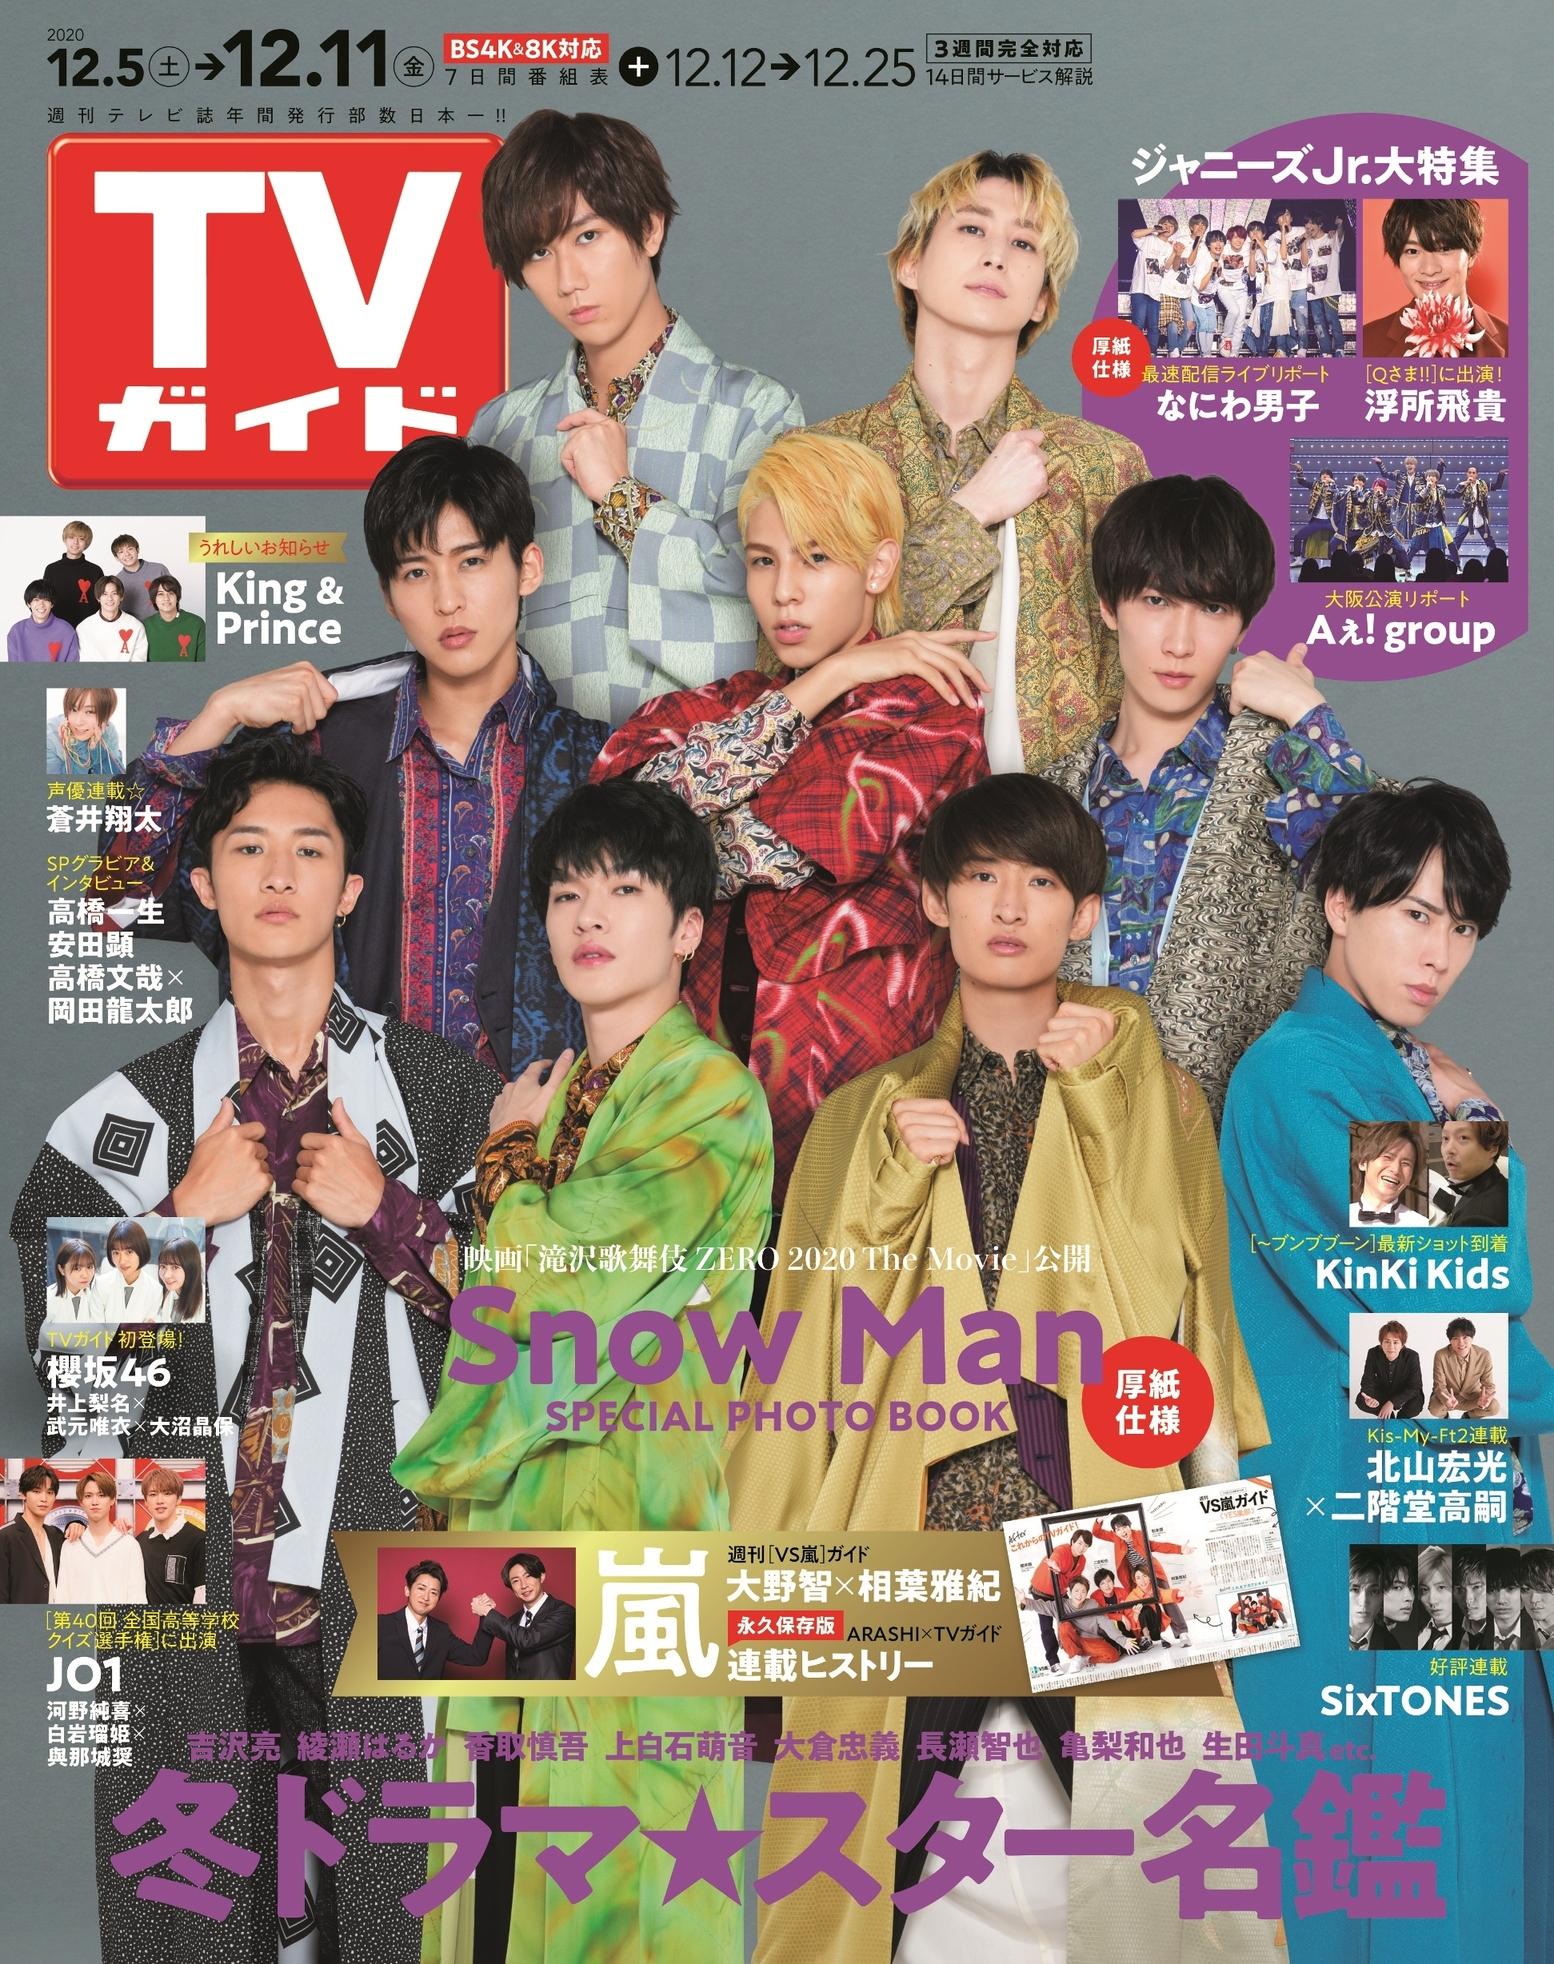 テレビ キンプリ 12 出演 月